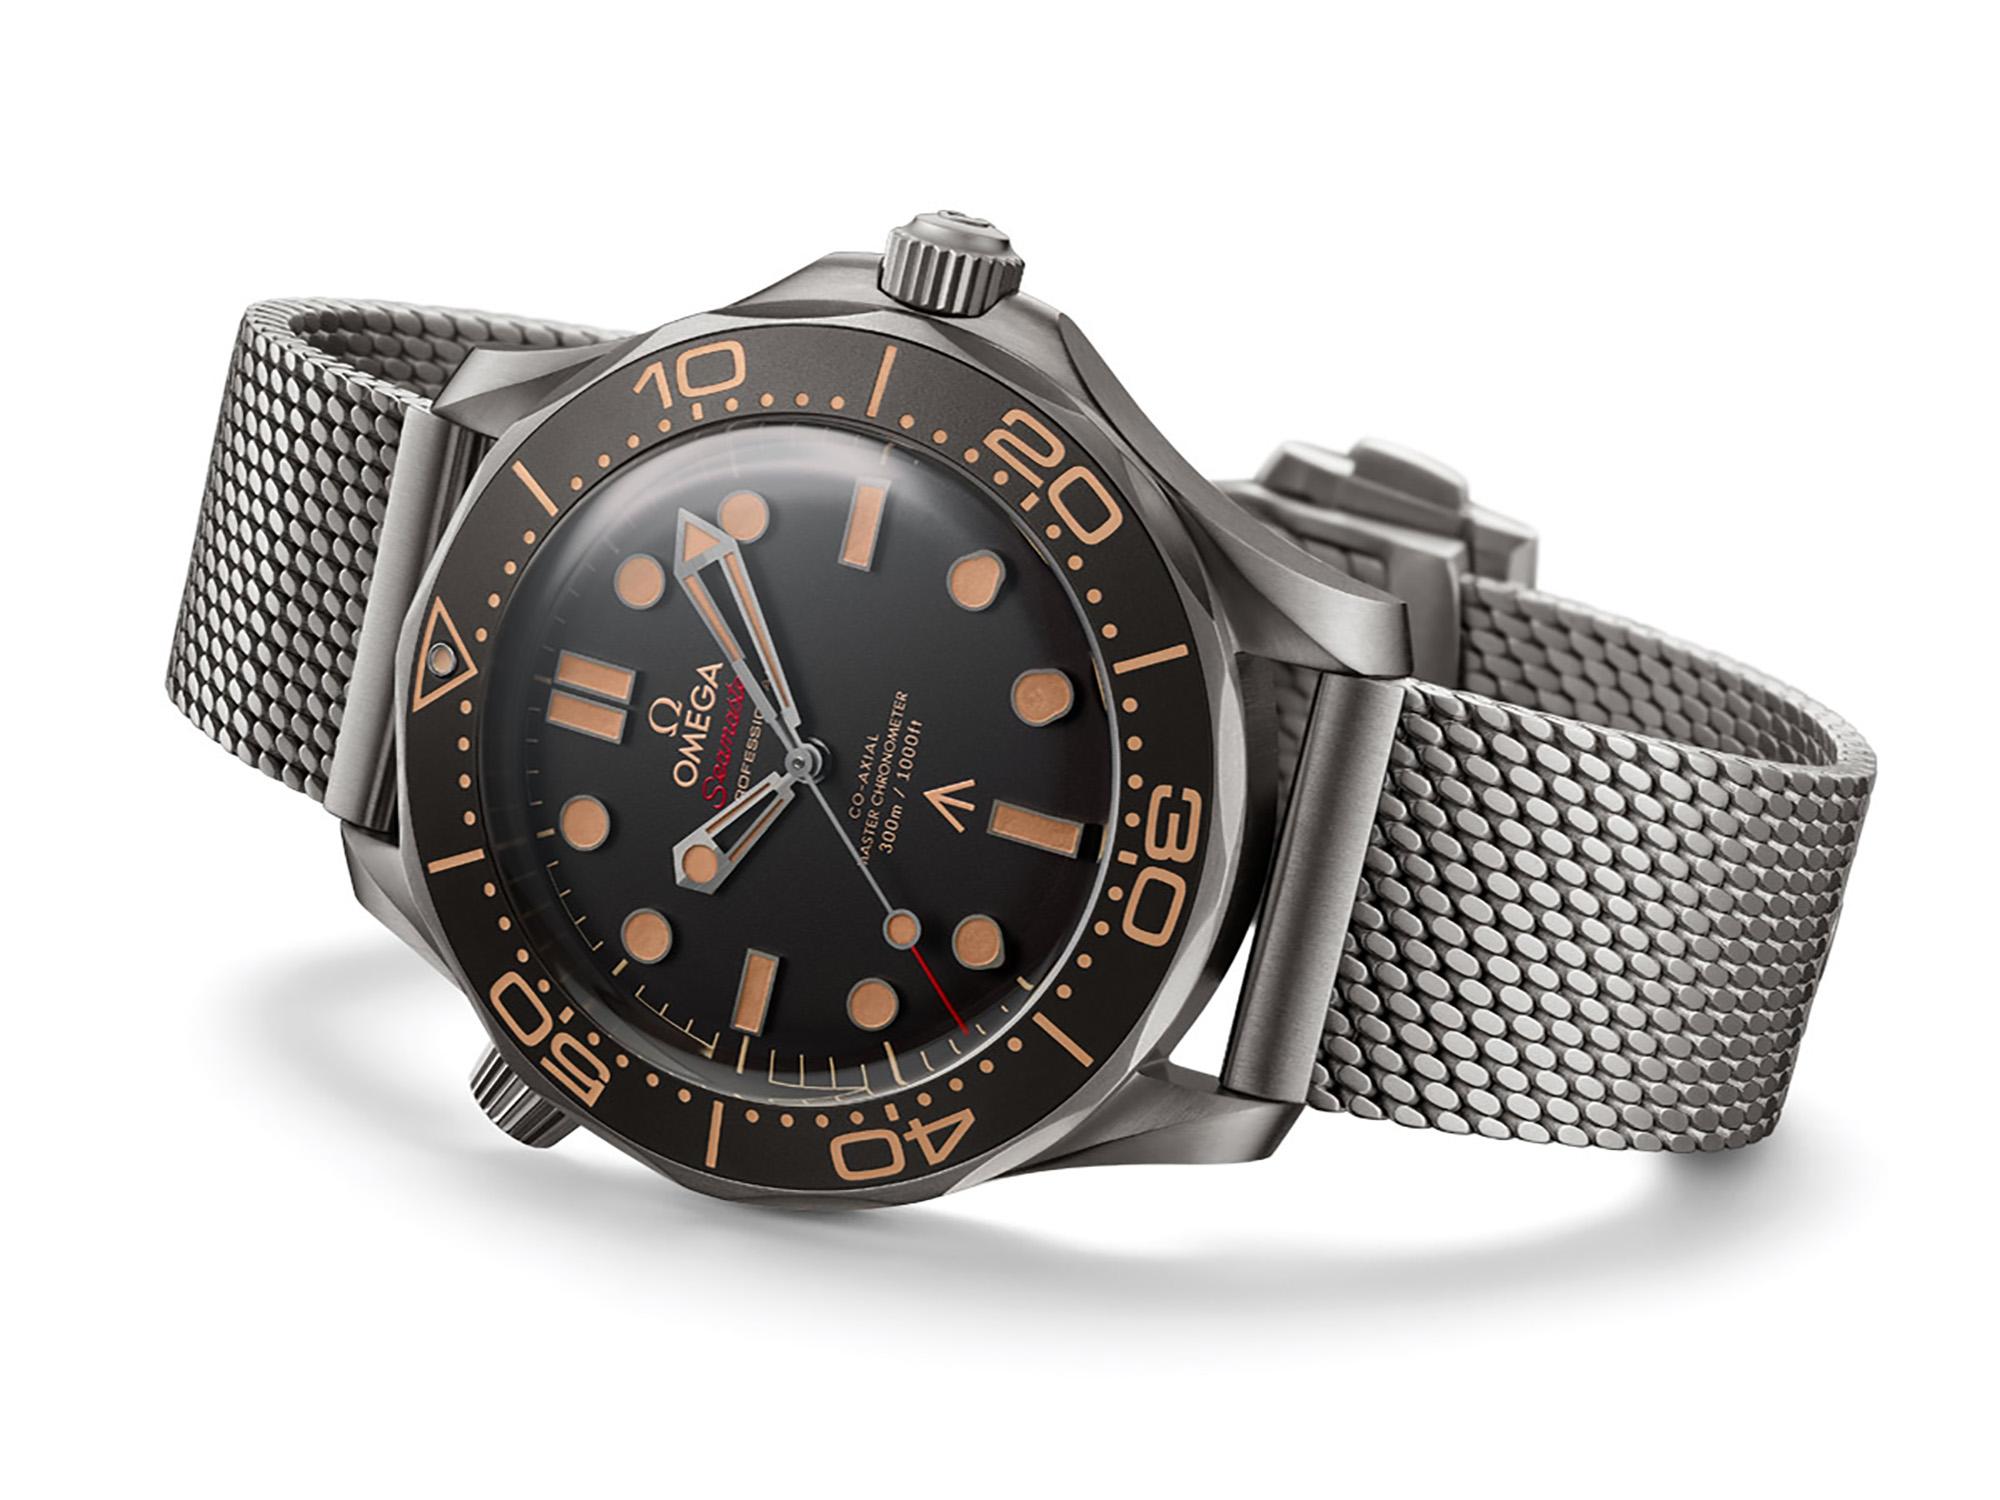 OMEGA 歐米茄與《007:生死交戰》:指揮官詹姆斯龐德的海馬限定版腕錶